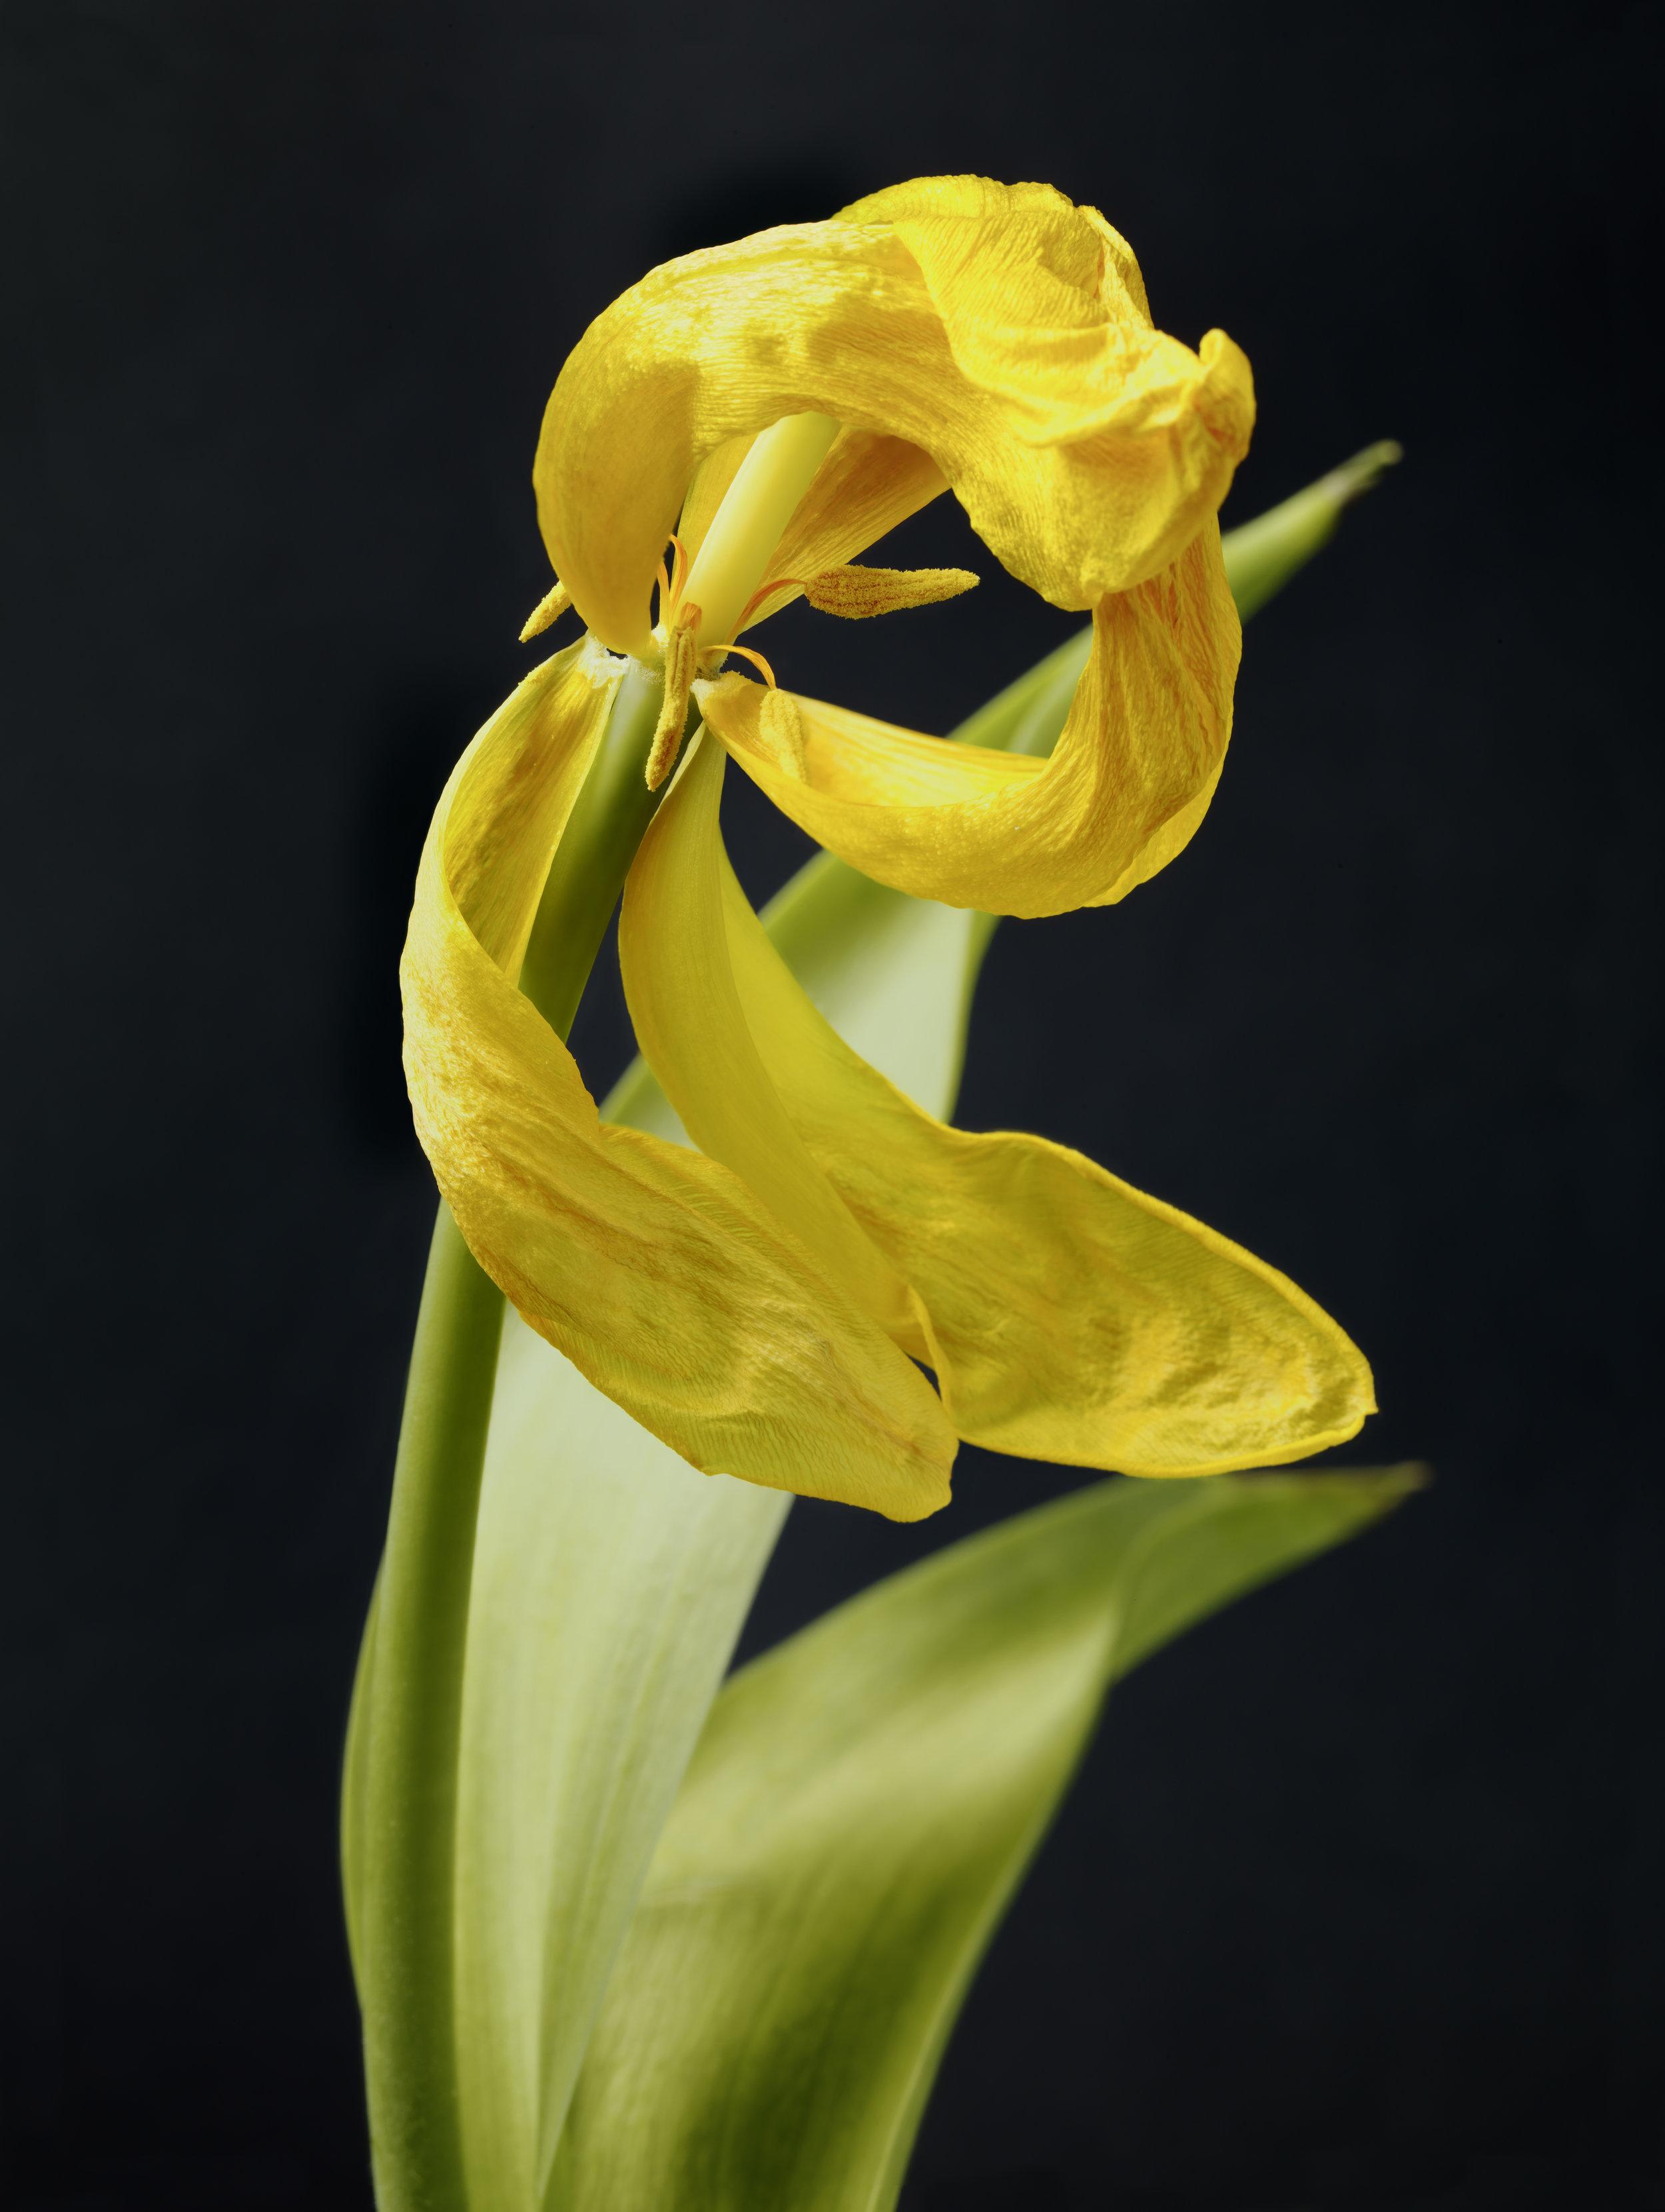 Yellow Tulip #27